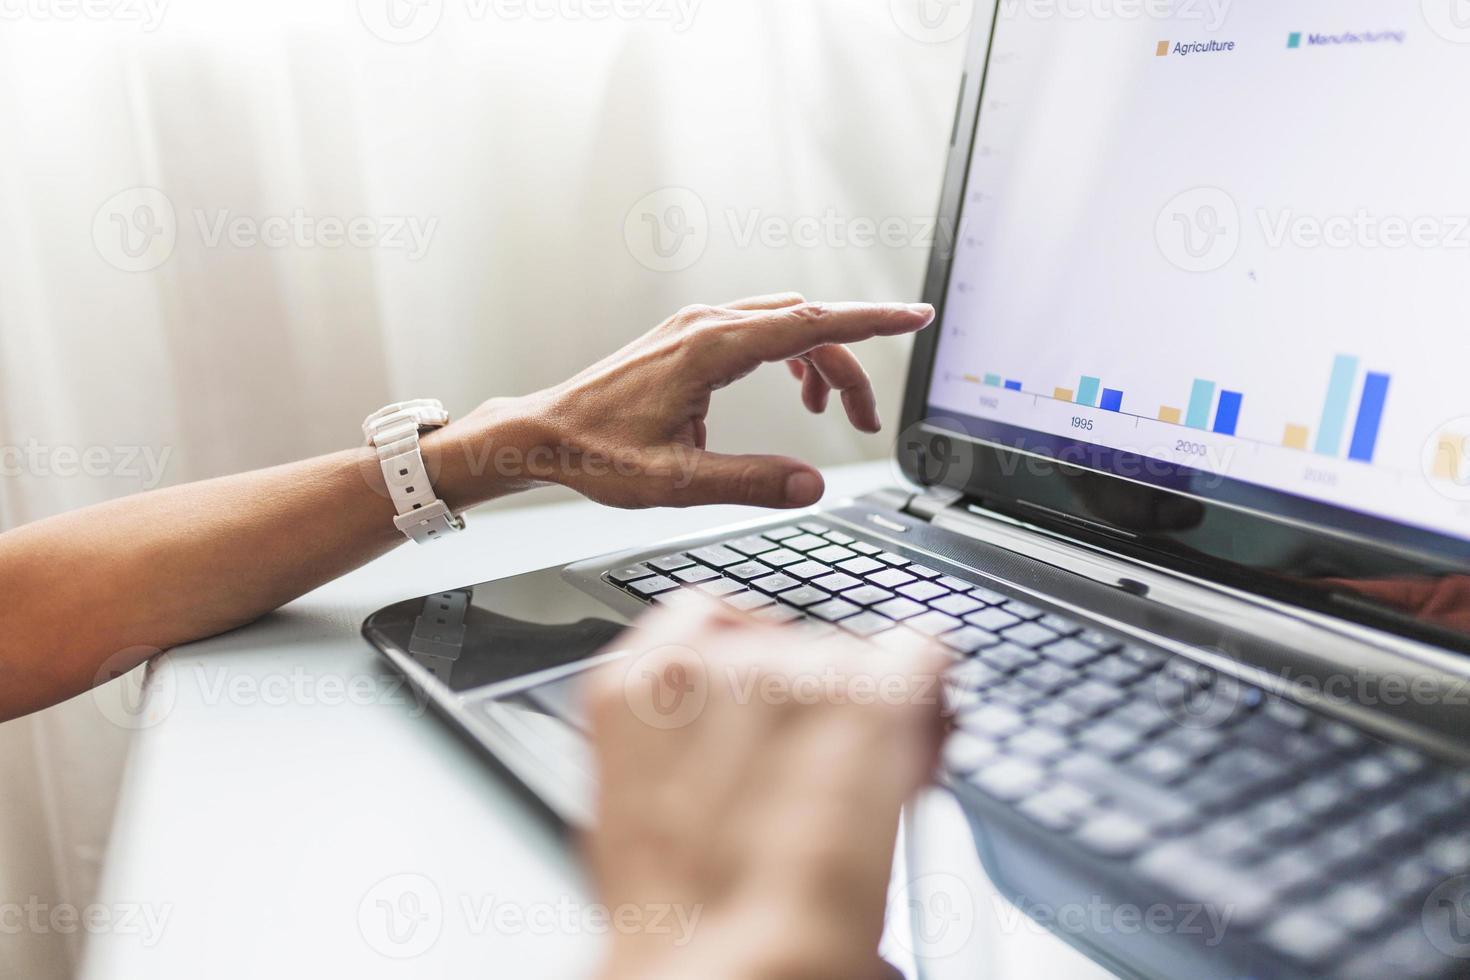 beskurna händer som använder bärbar dator i regeringsställning foto